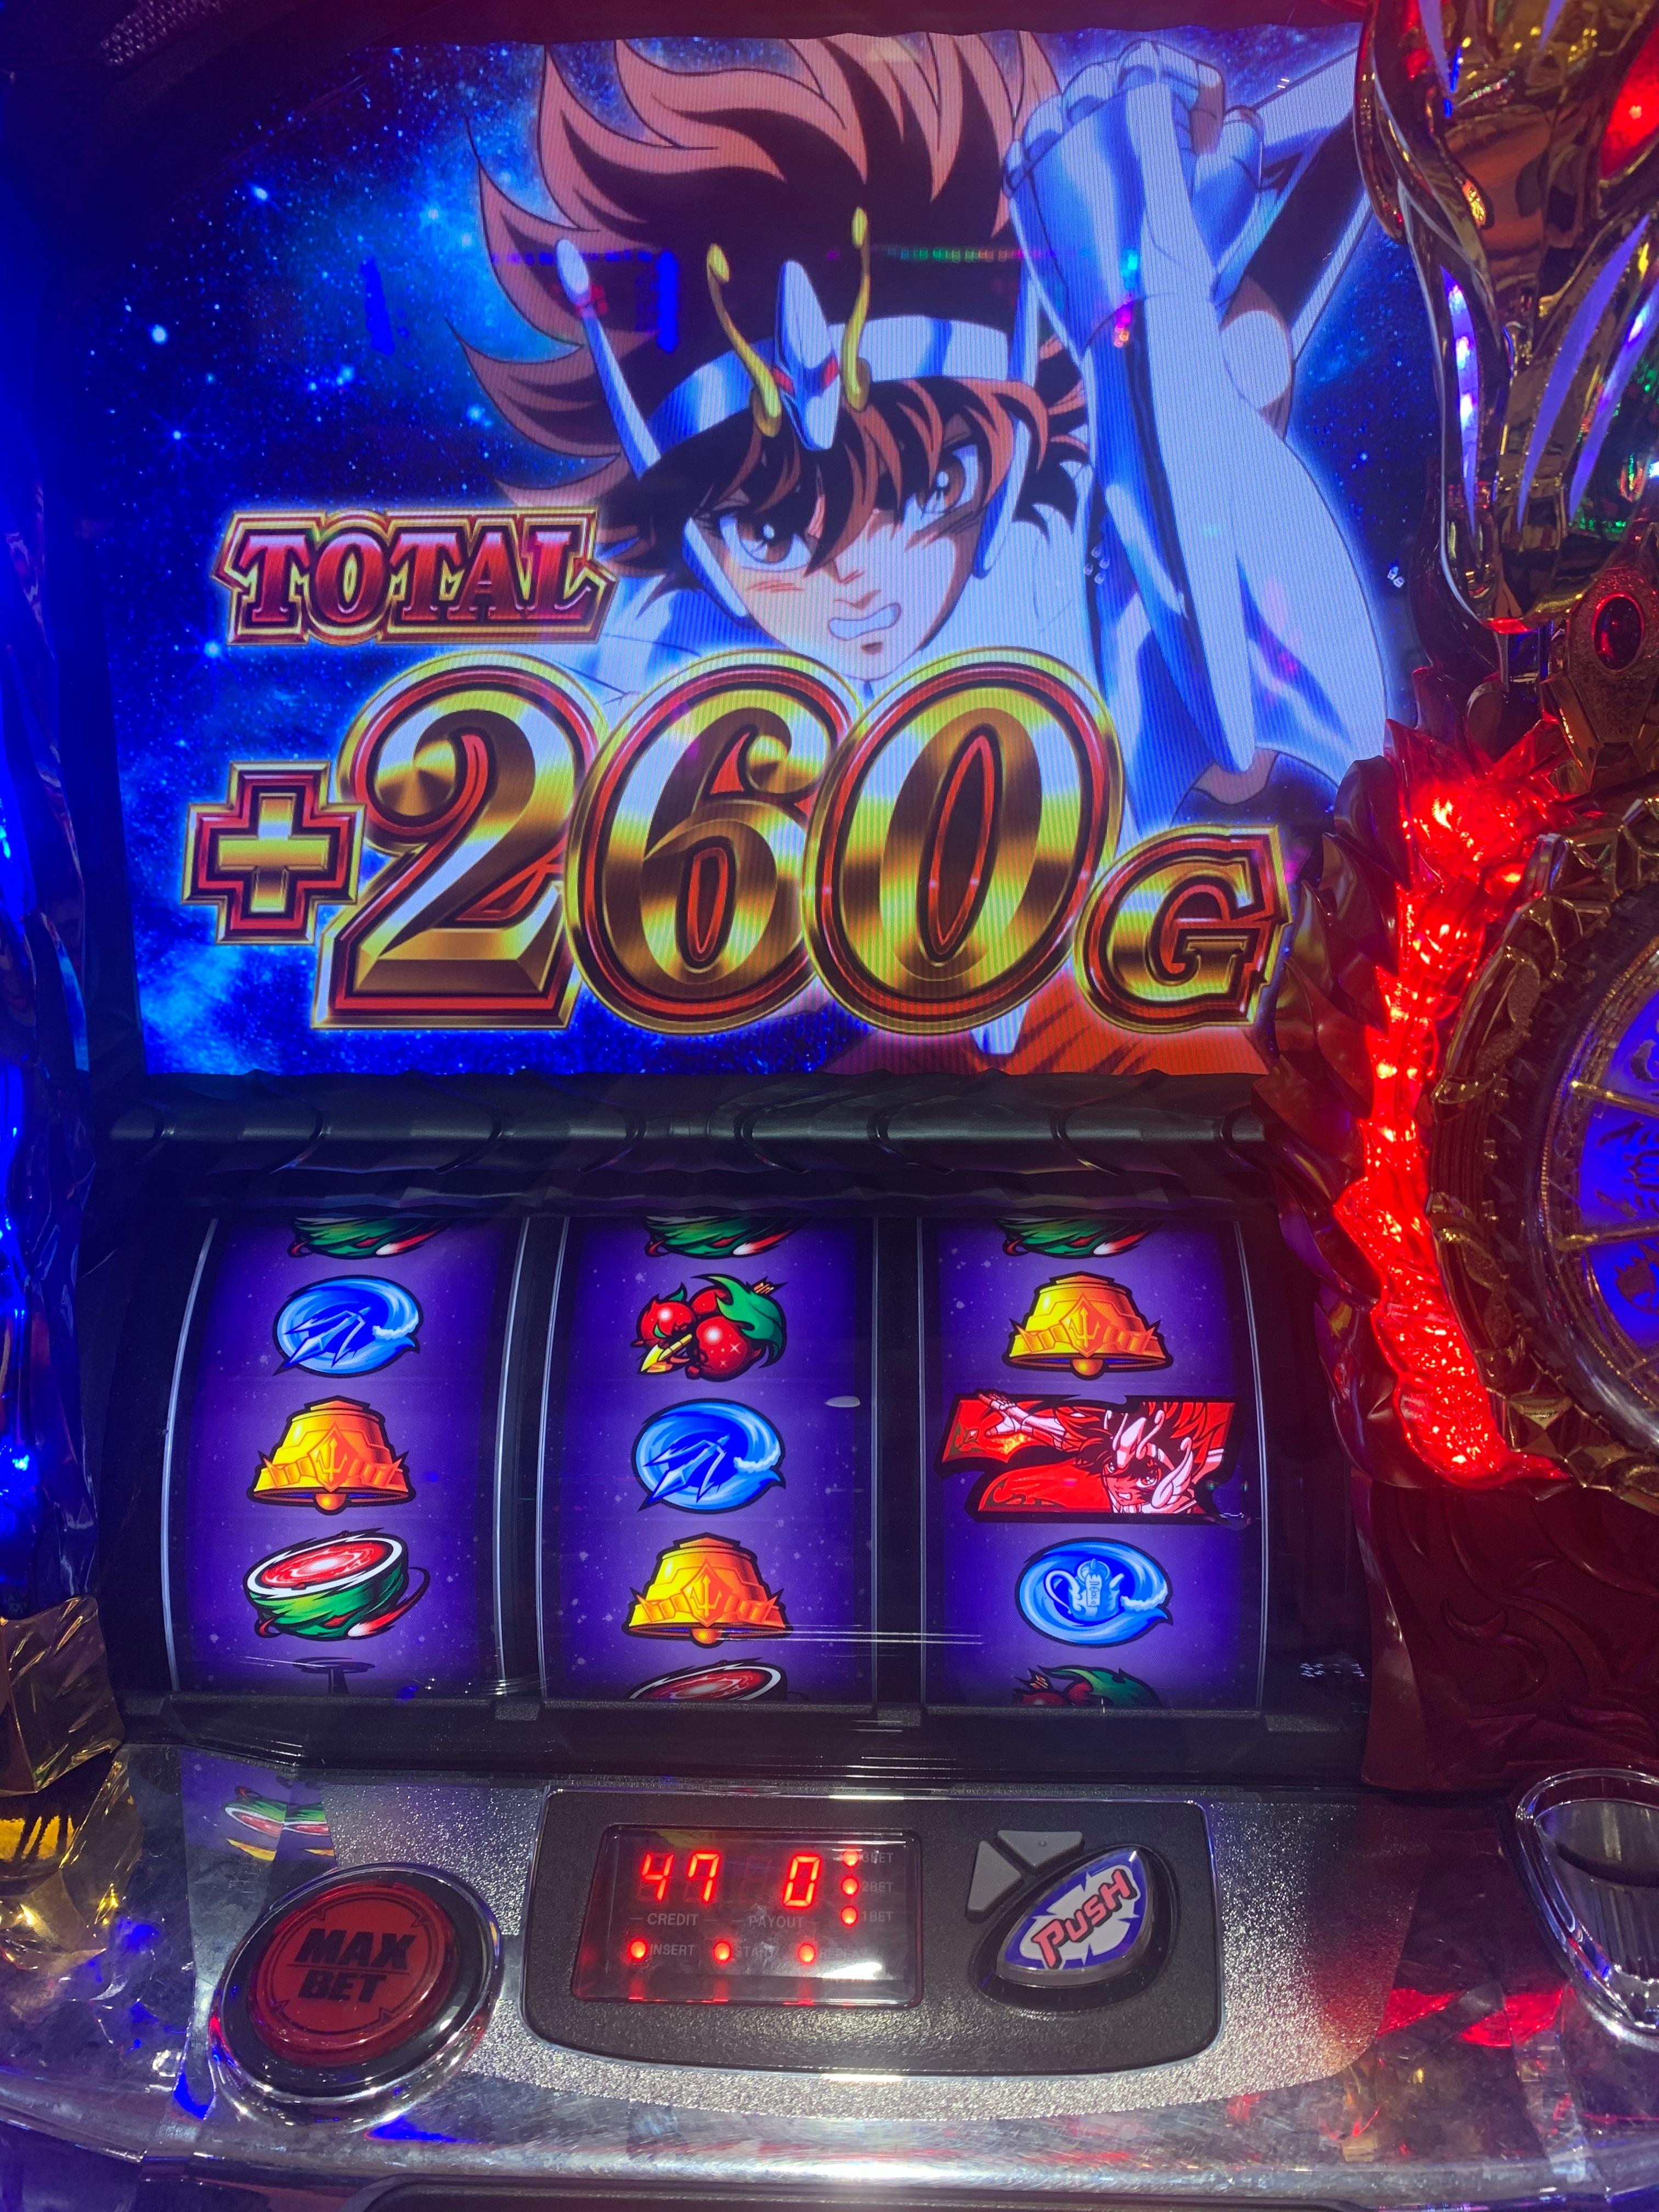 f:id:Chikubishin:20210215003141j:image